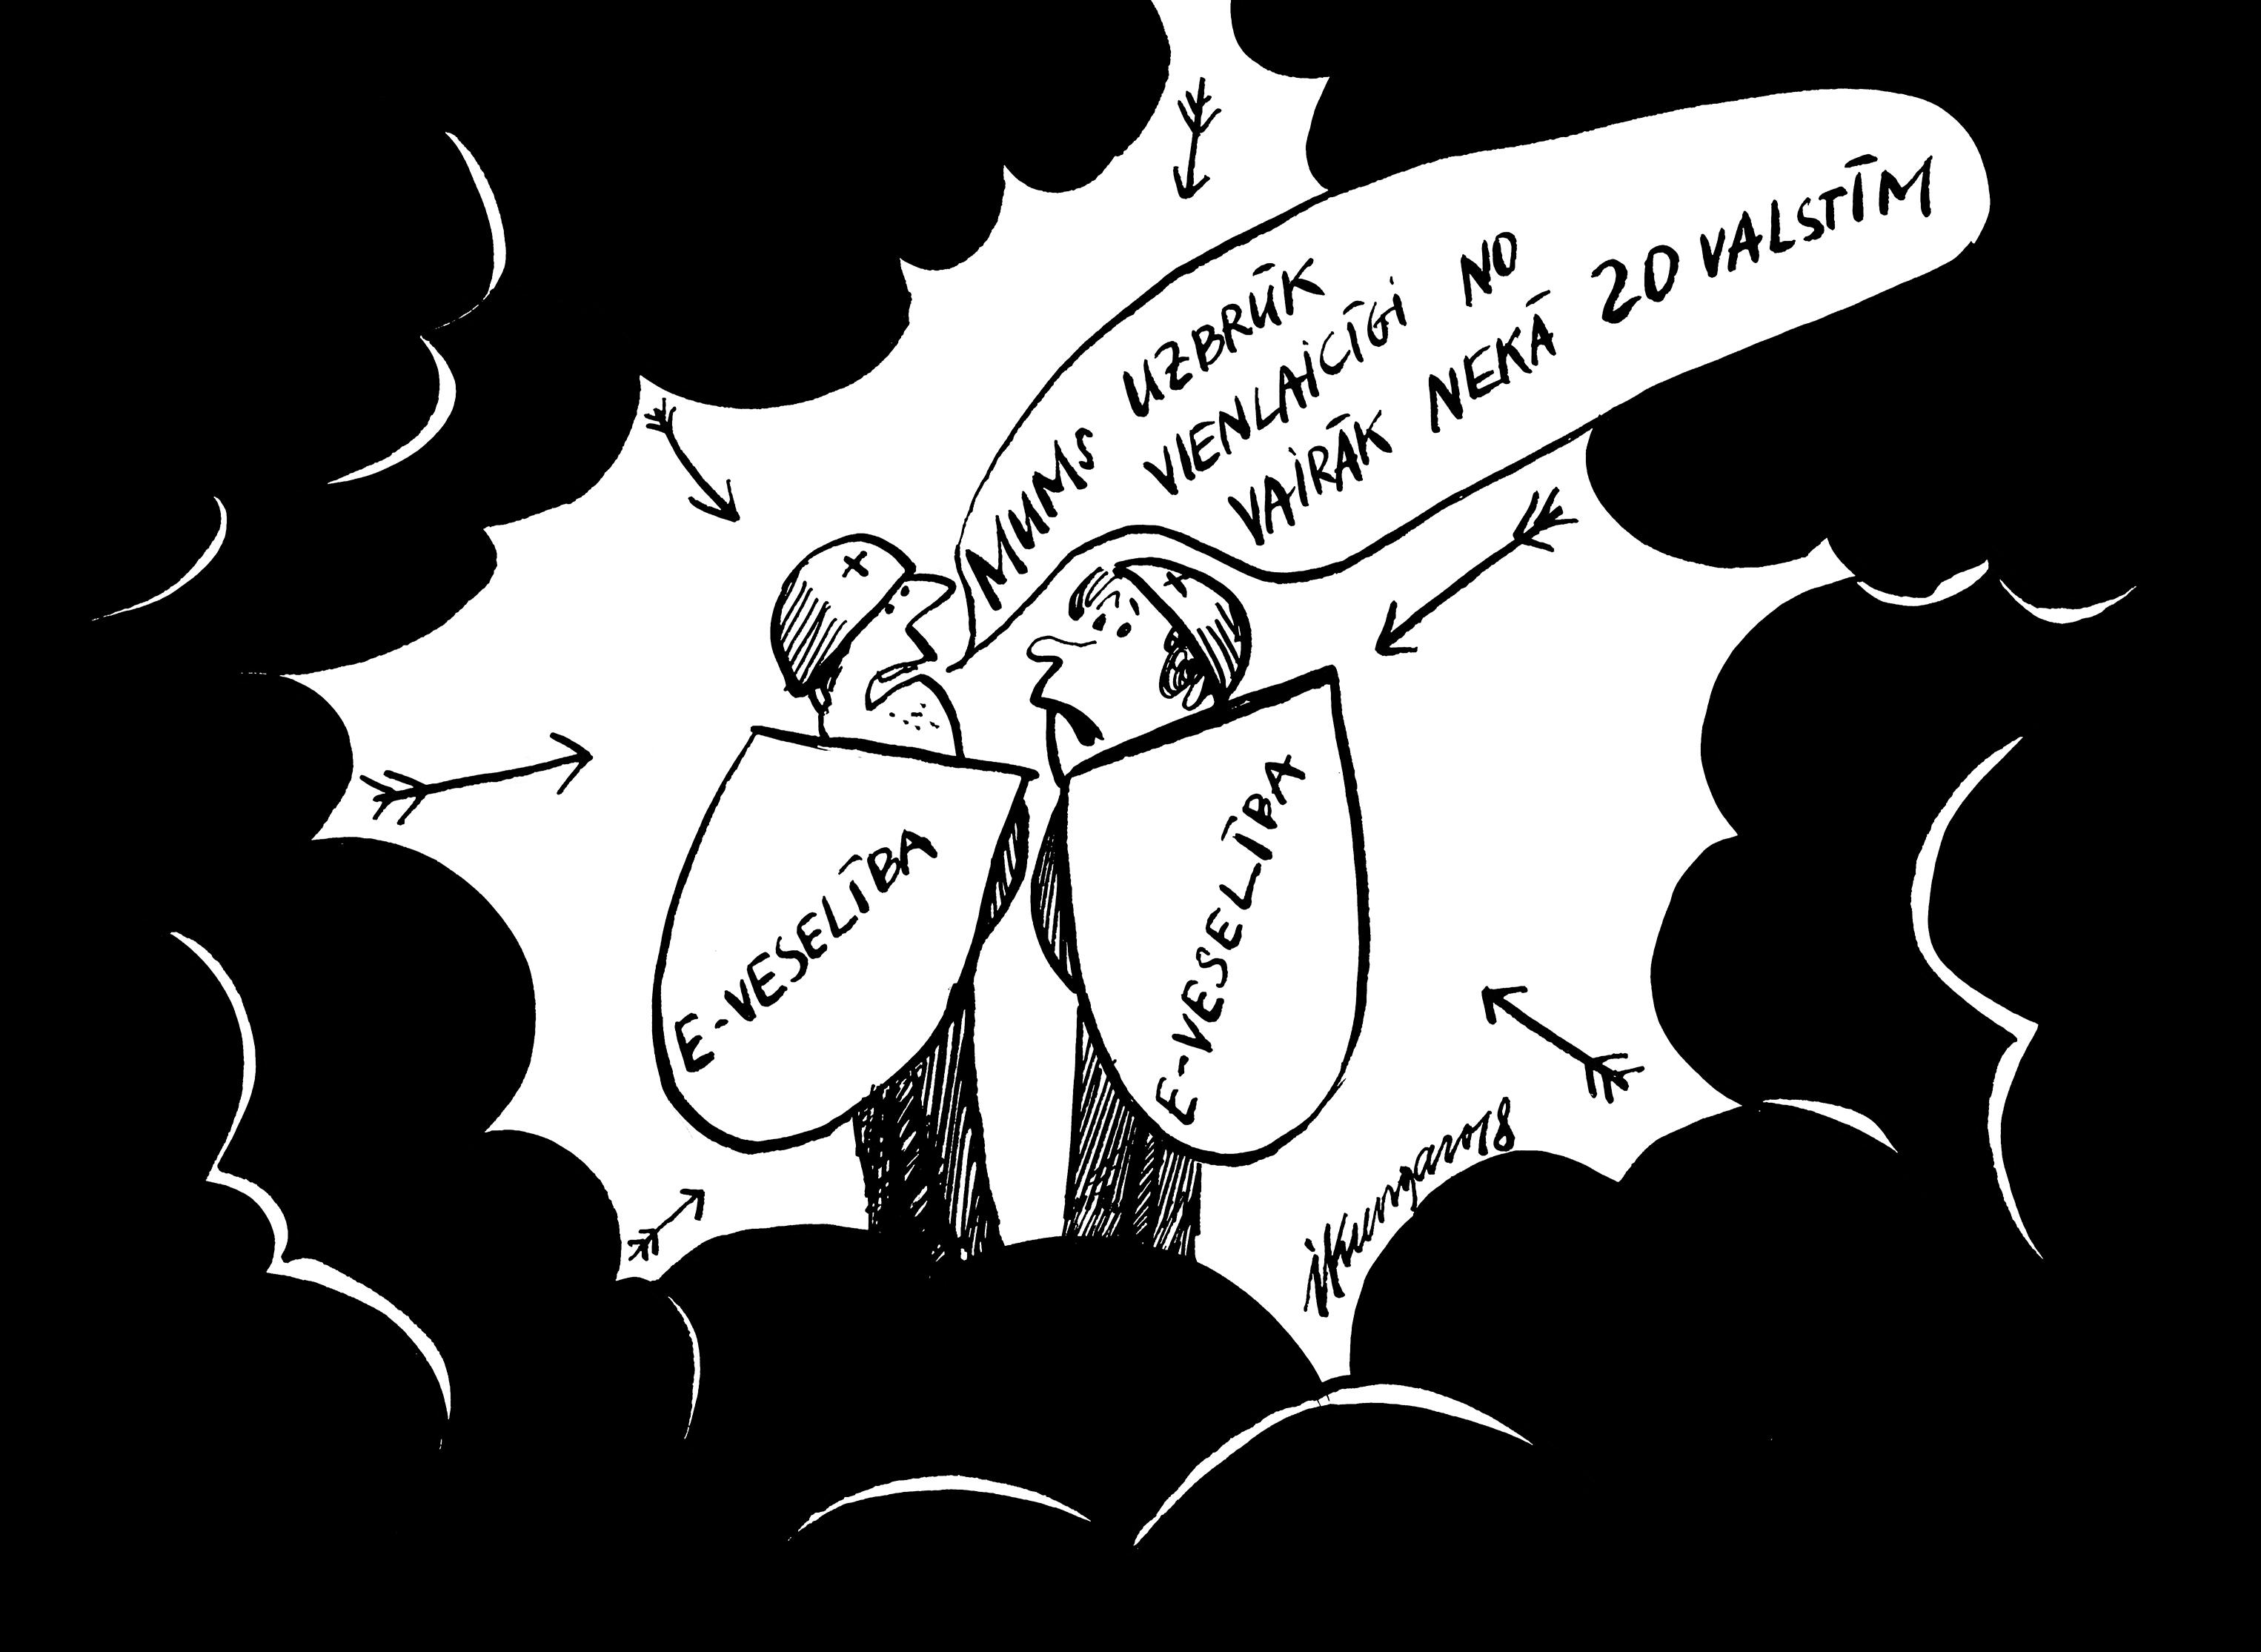 Karikatura_17-01-2018 Uzbrukumi e-veselības sistēmai.